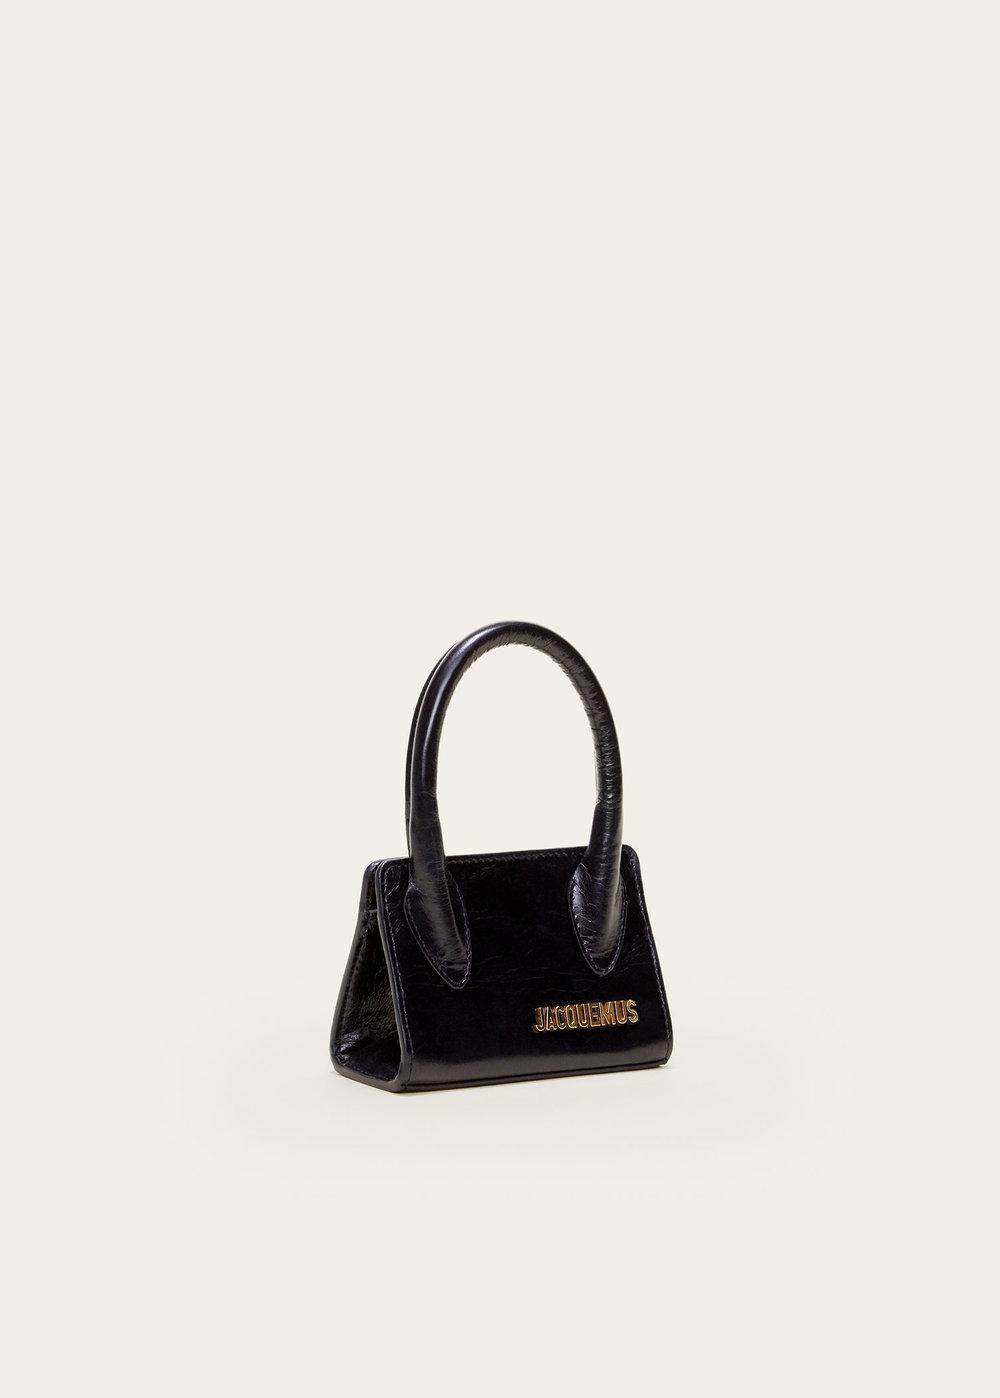 https://www.jacquemus.com/product/le-sac-espelho-black/